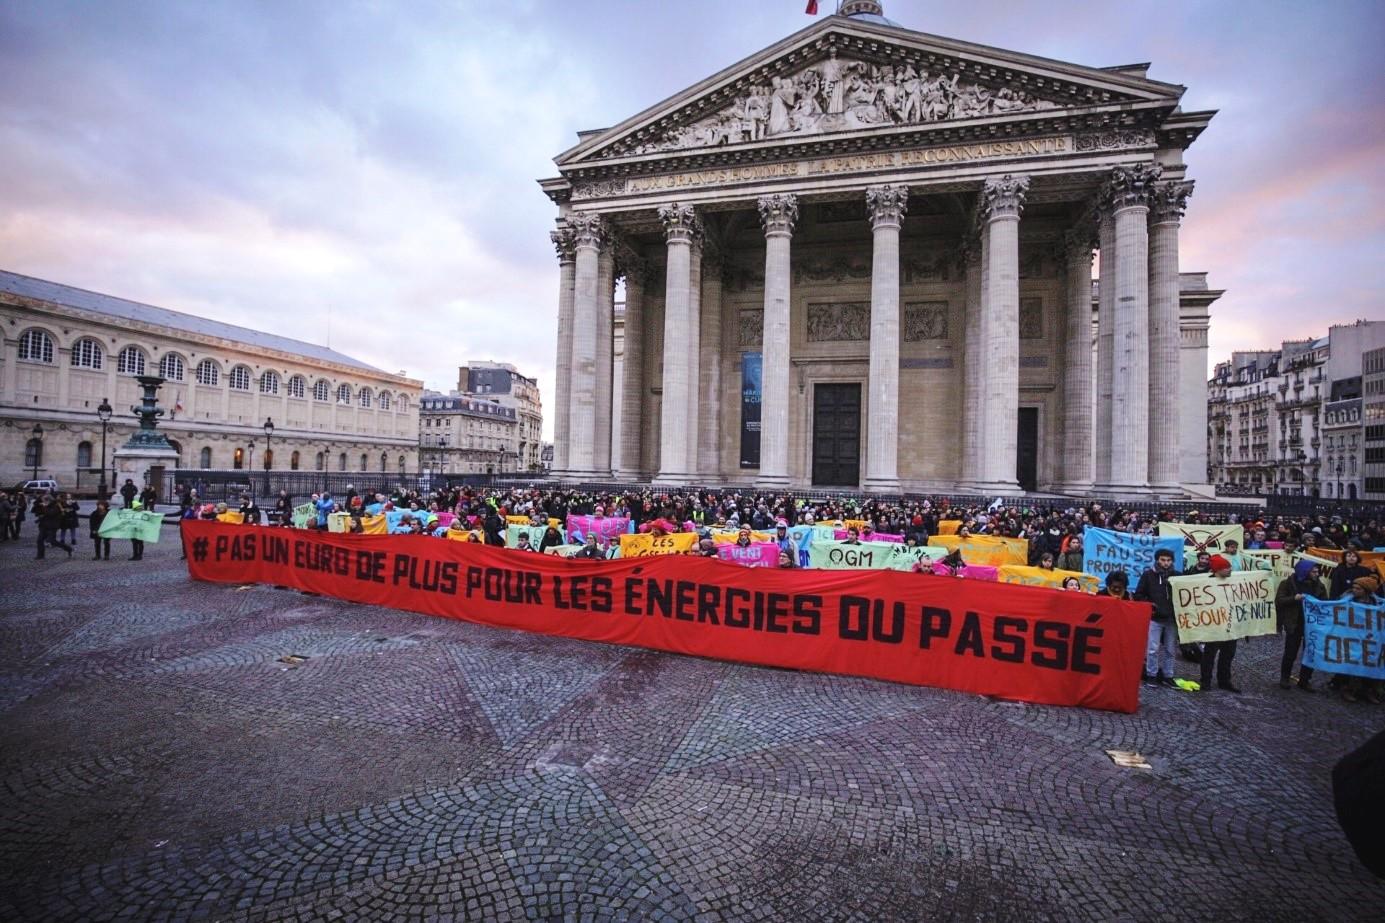 Mobilisation citoyenne en décembre 2018, devant le Panthéon à Paris, en faveur de la fin des subventions aux énergies fossiles.